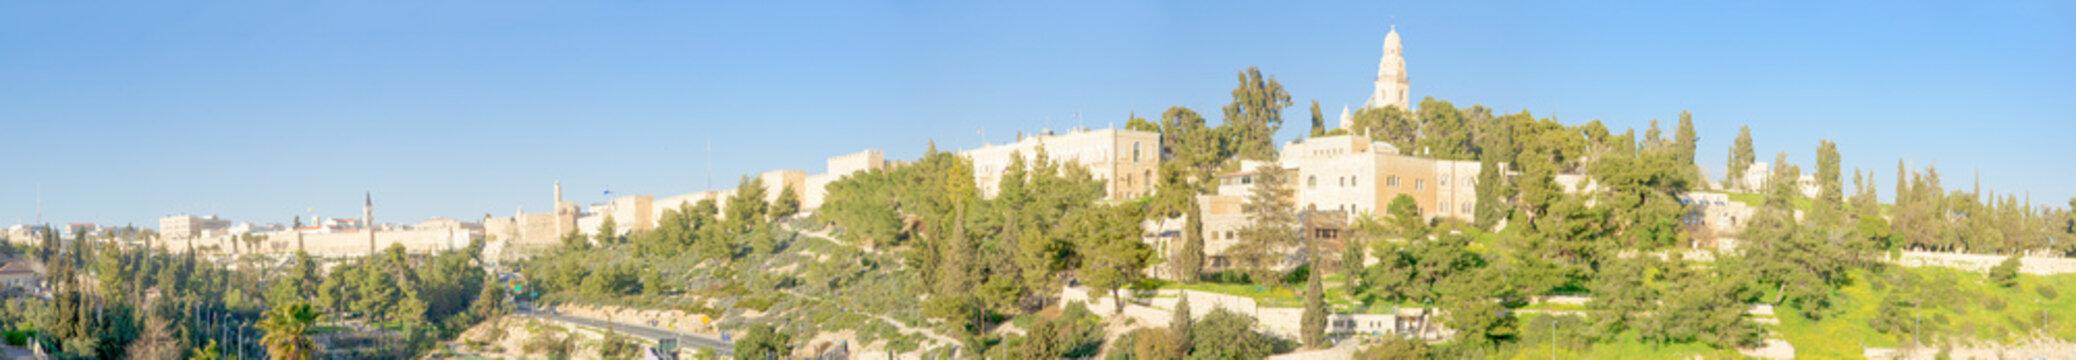 Jerusalem old city and Mount Zion